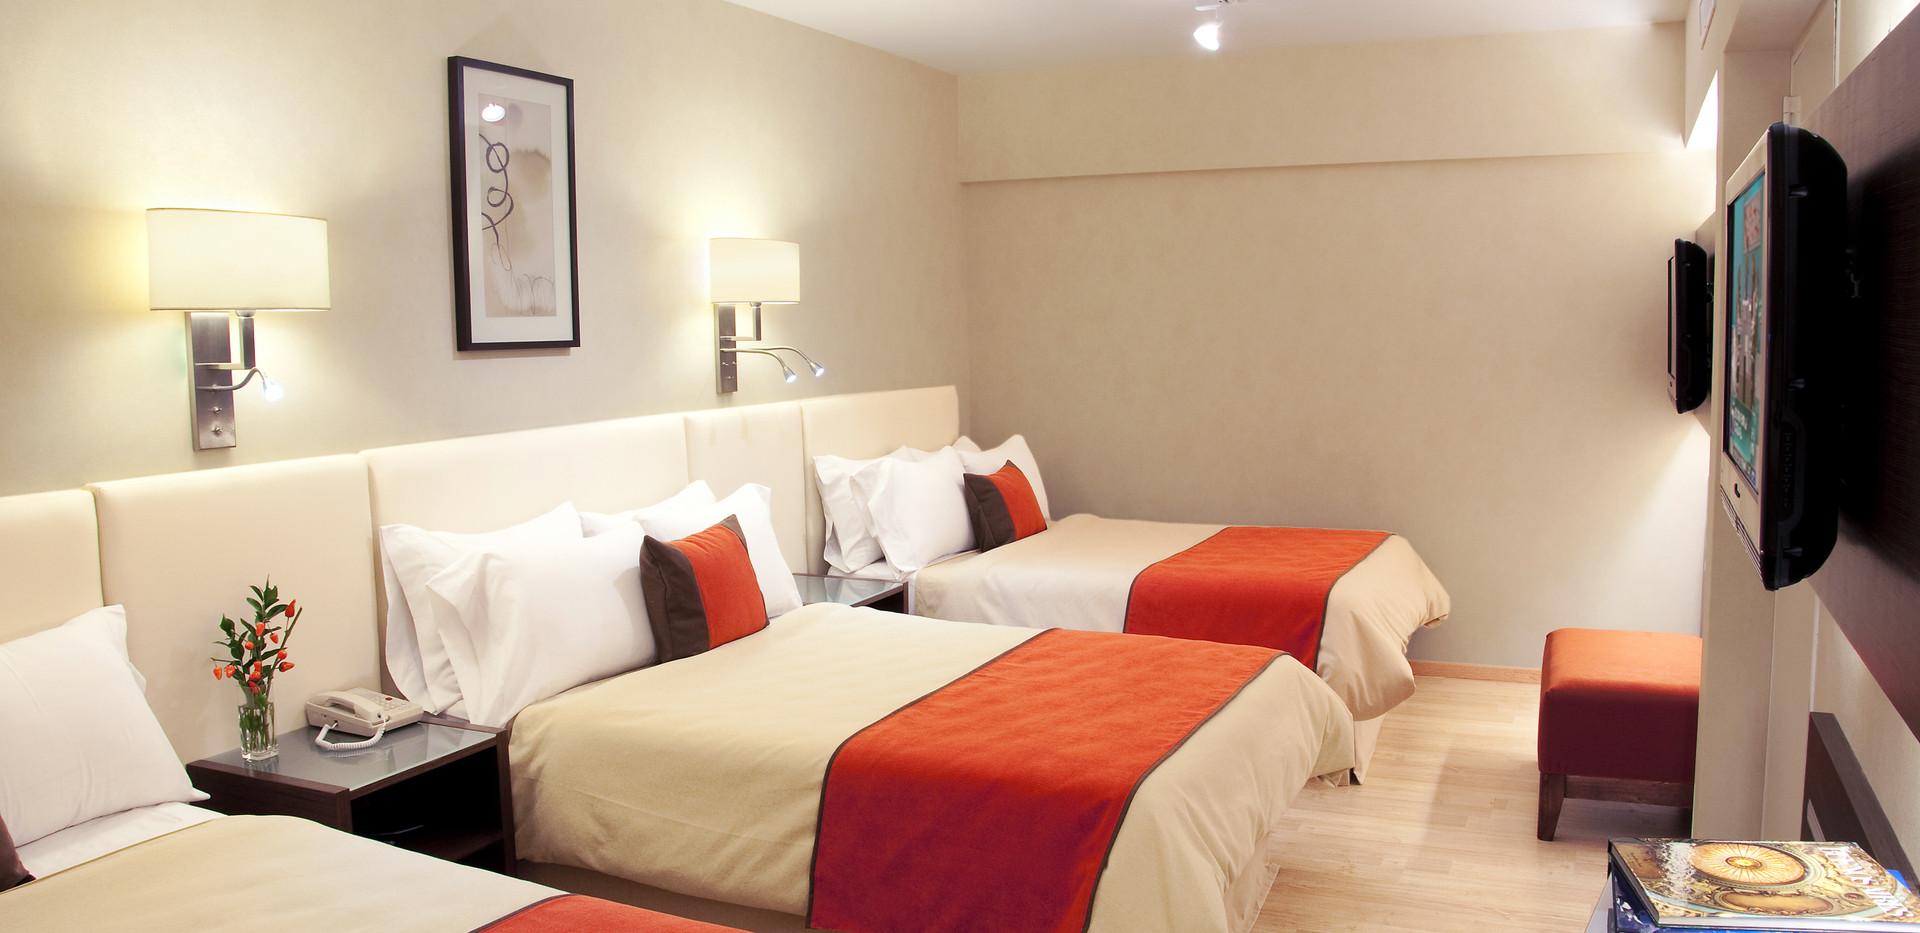 PortadaJunior Suite 3 camas.jpg